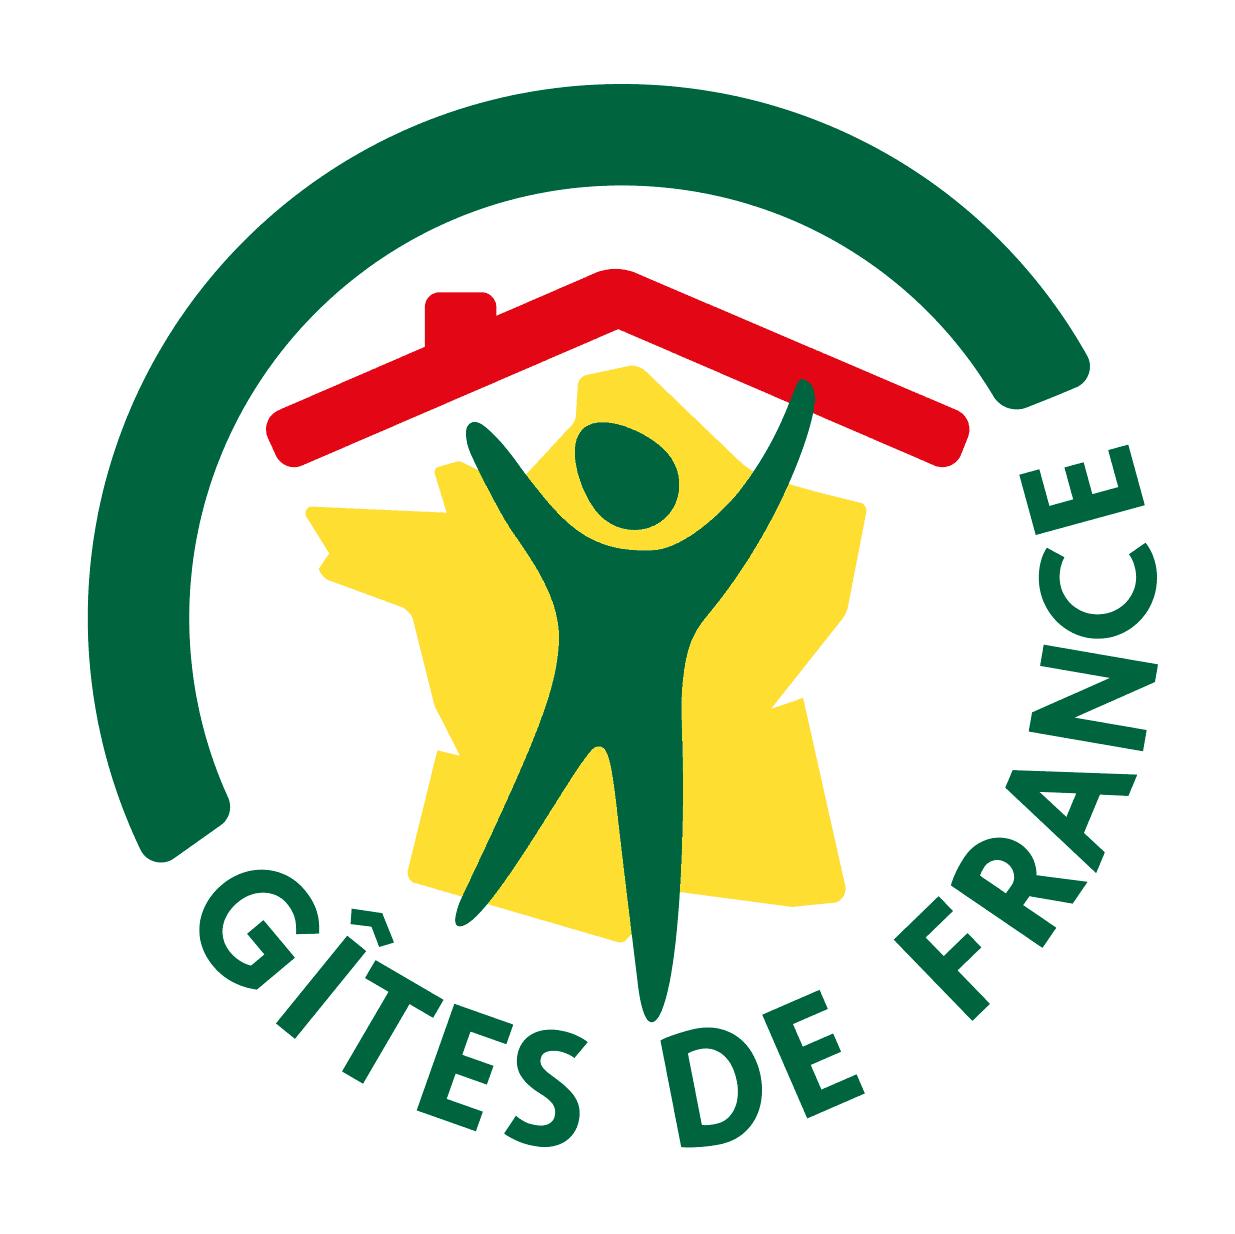 gites-de-france